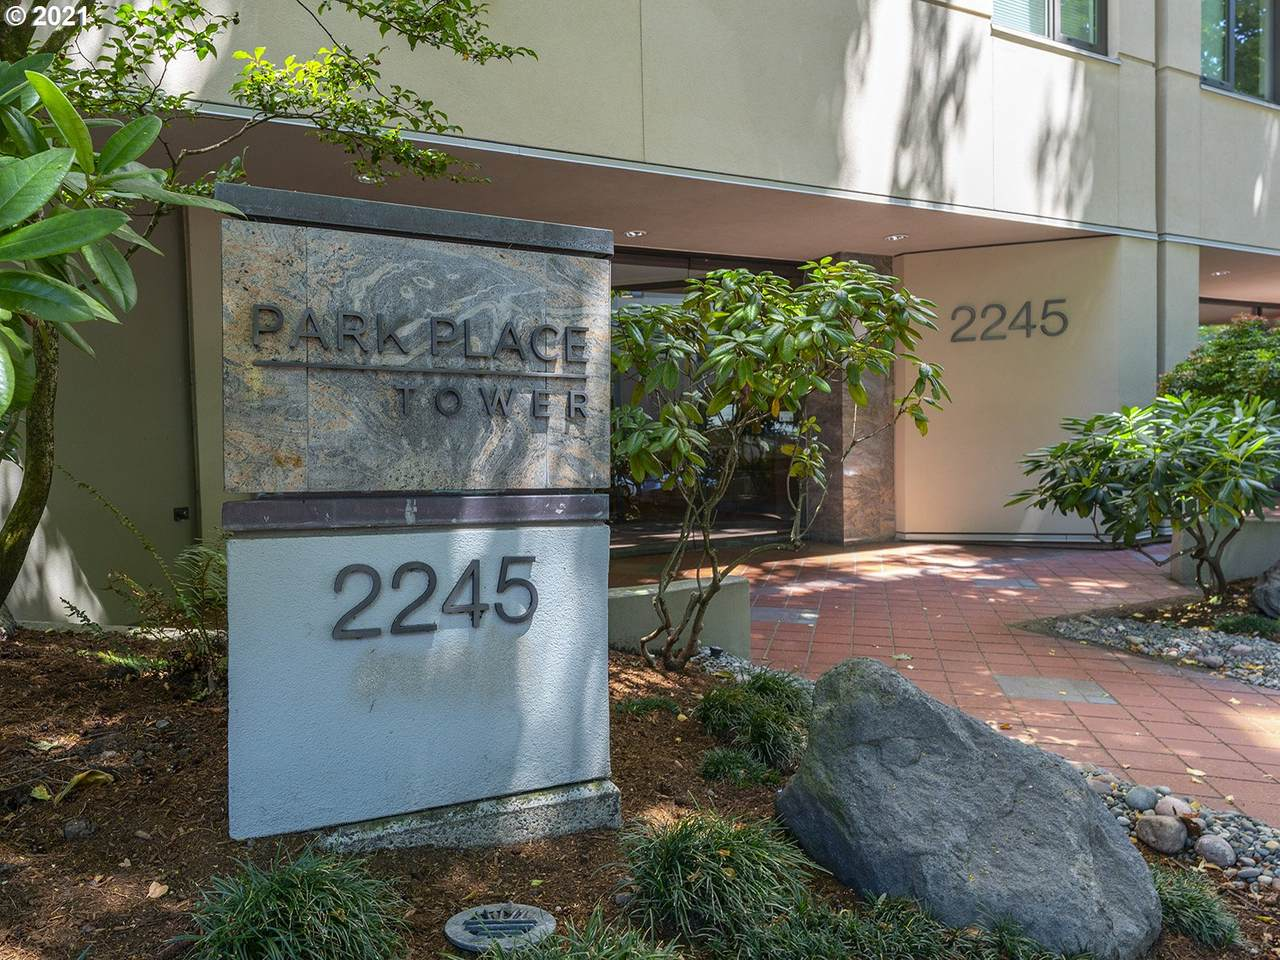 2245 Park Pl - Photo 1